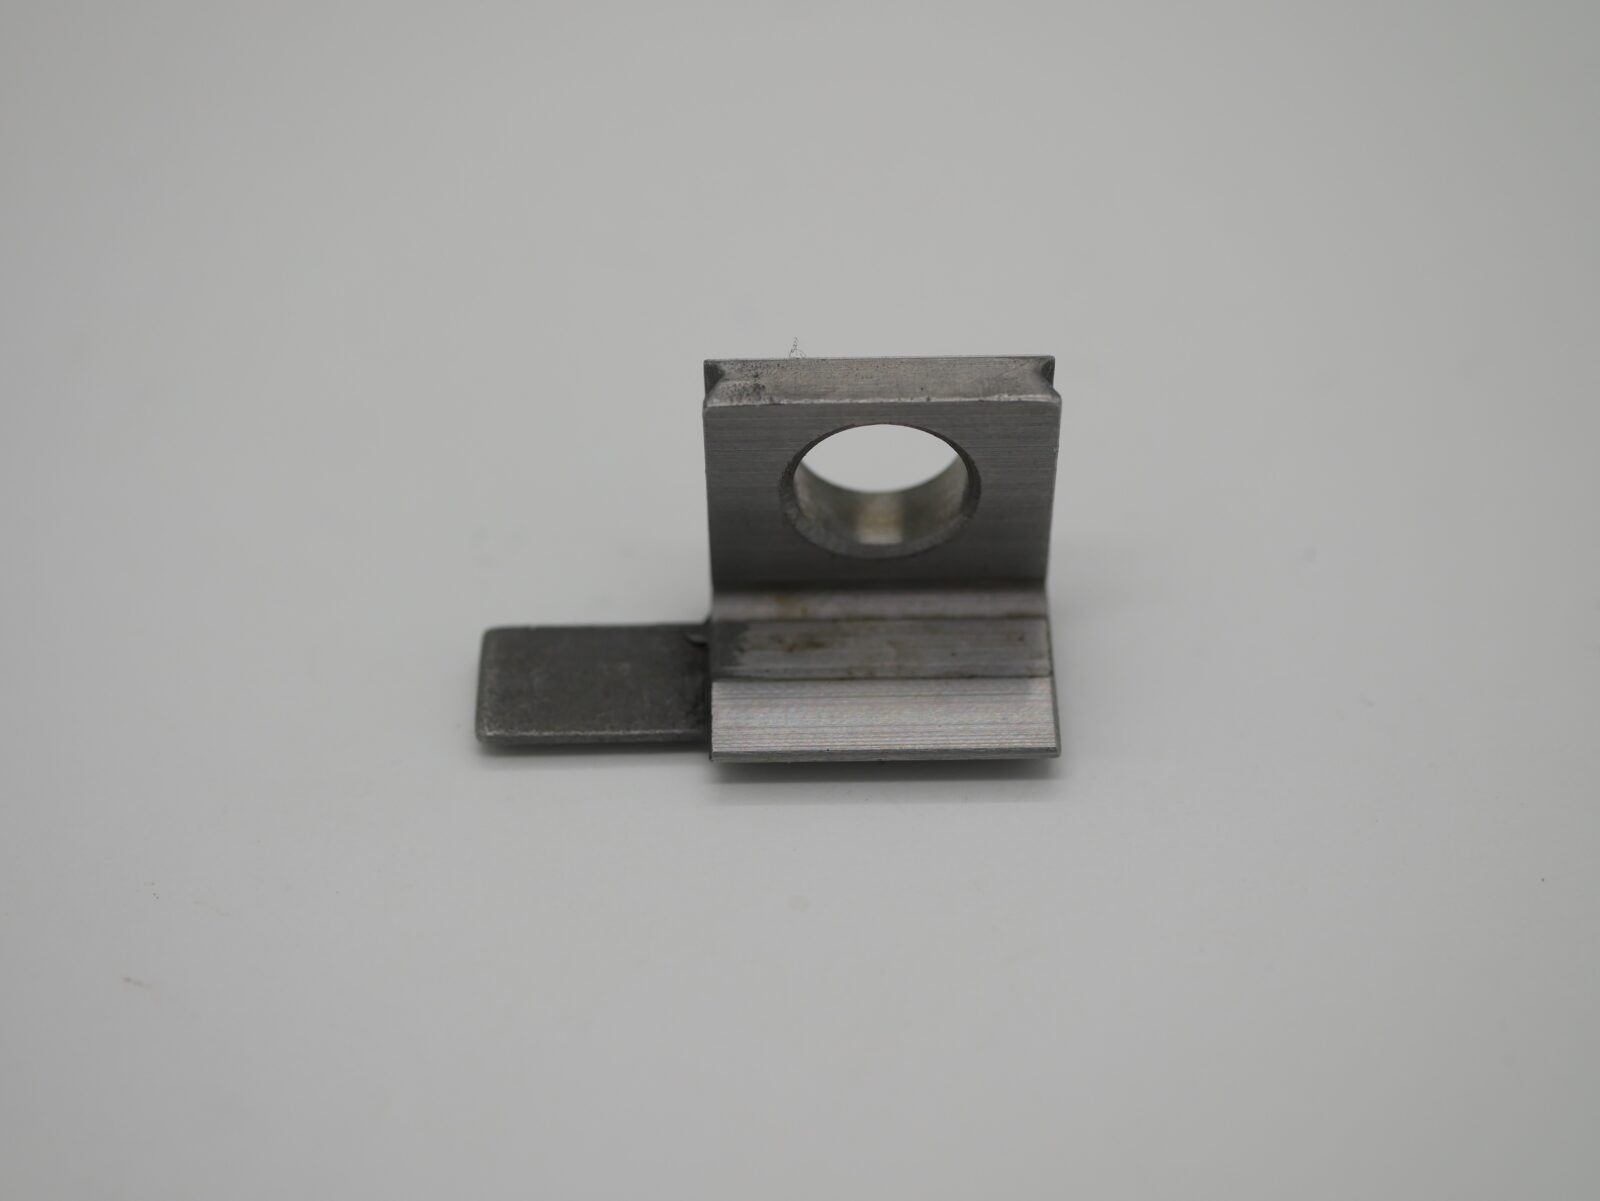 XL105 Steel Winged Transfer Gripper HDM: F4.005.126